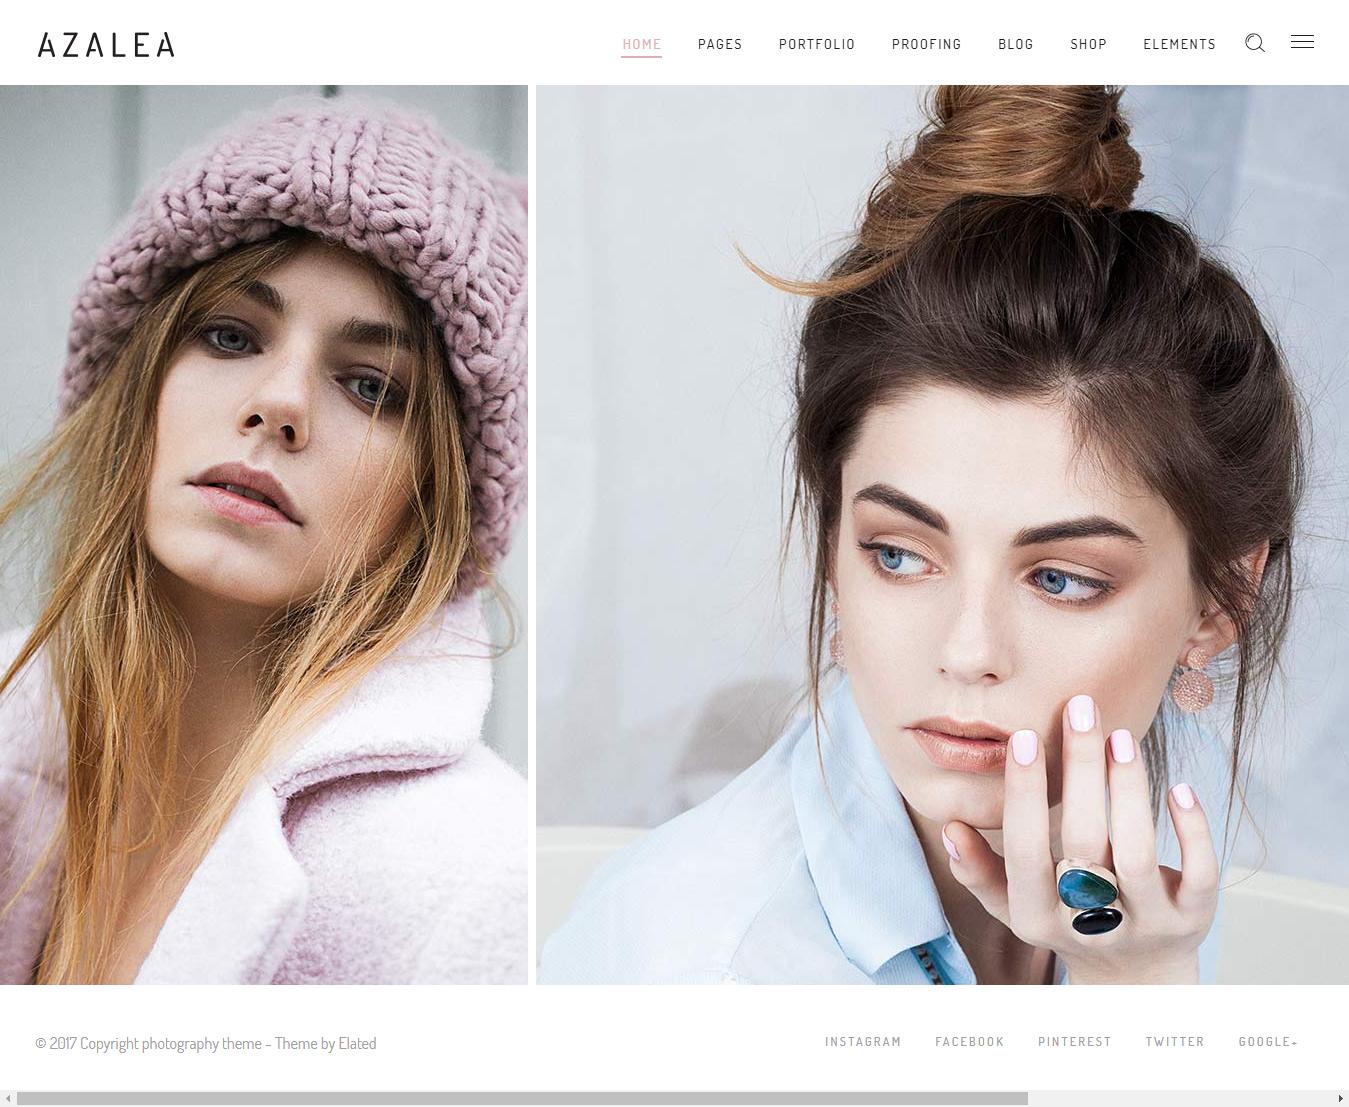 Azalea - Los mejores temas de WordPress de moda premium